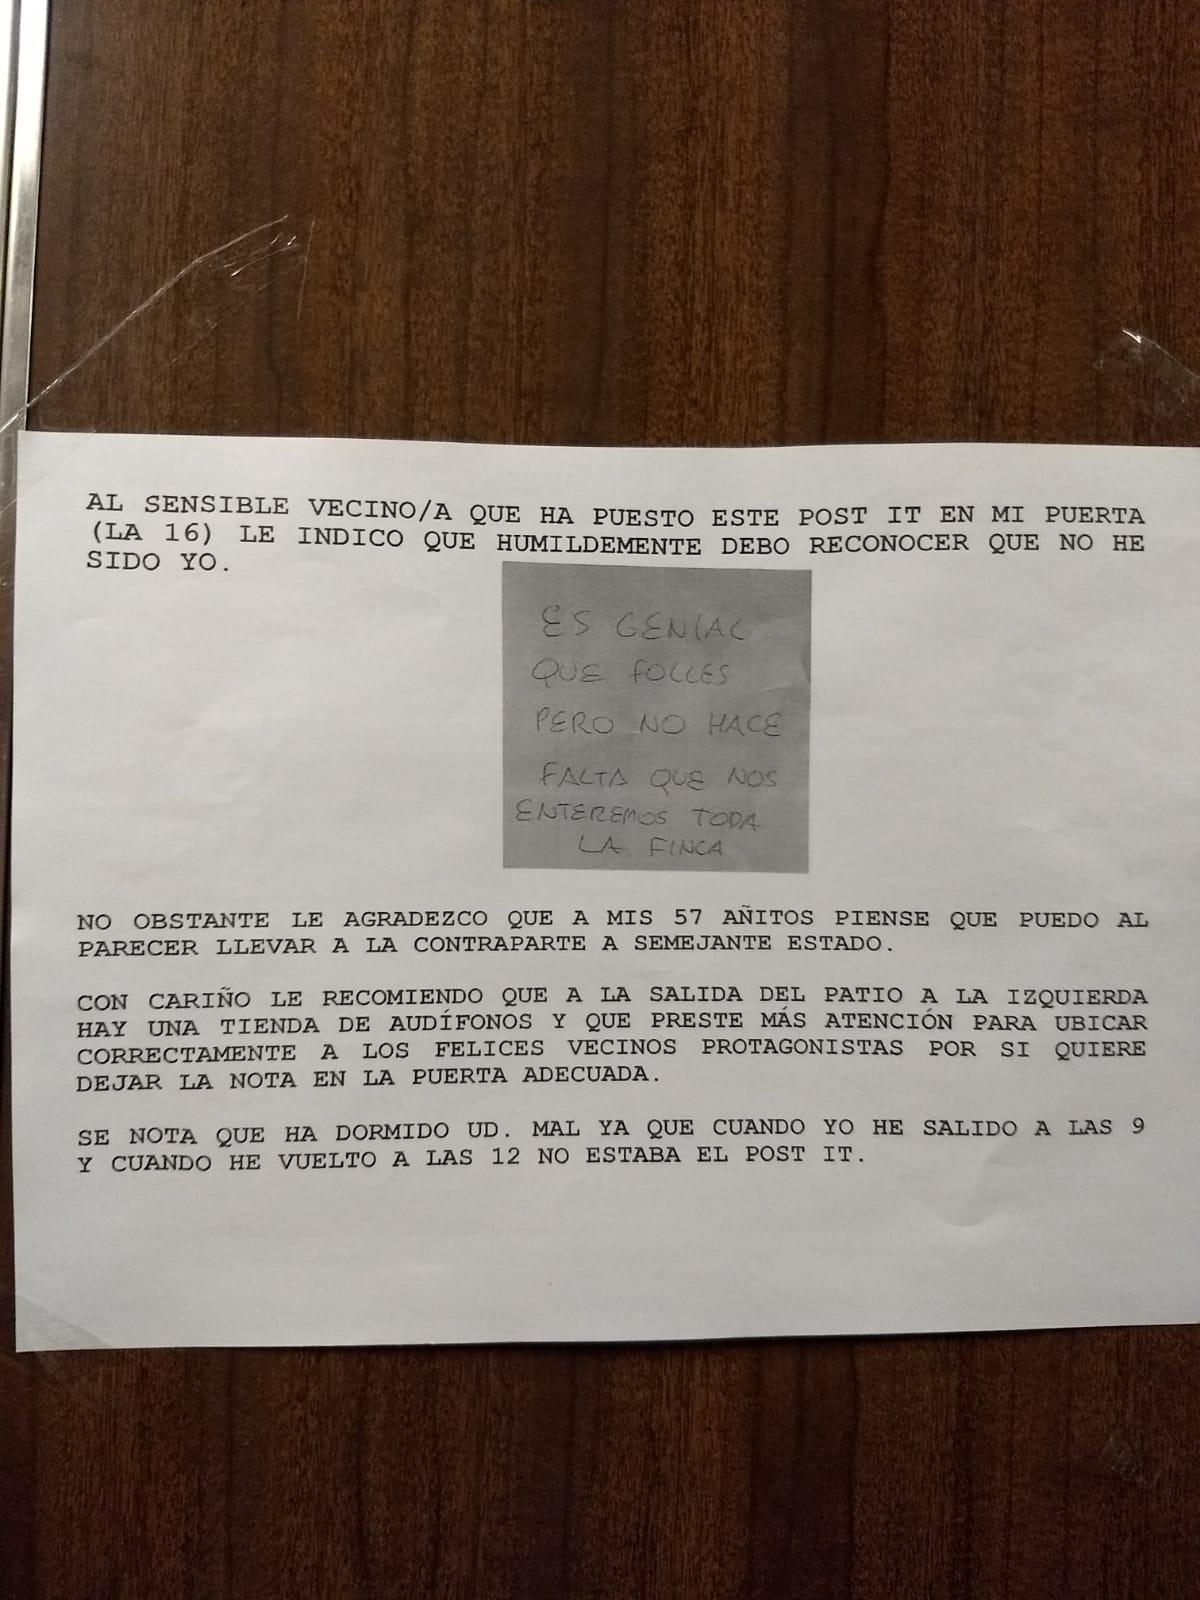 1c5a4b30abb Vecinos colegas: el despistado | 3Memes.com